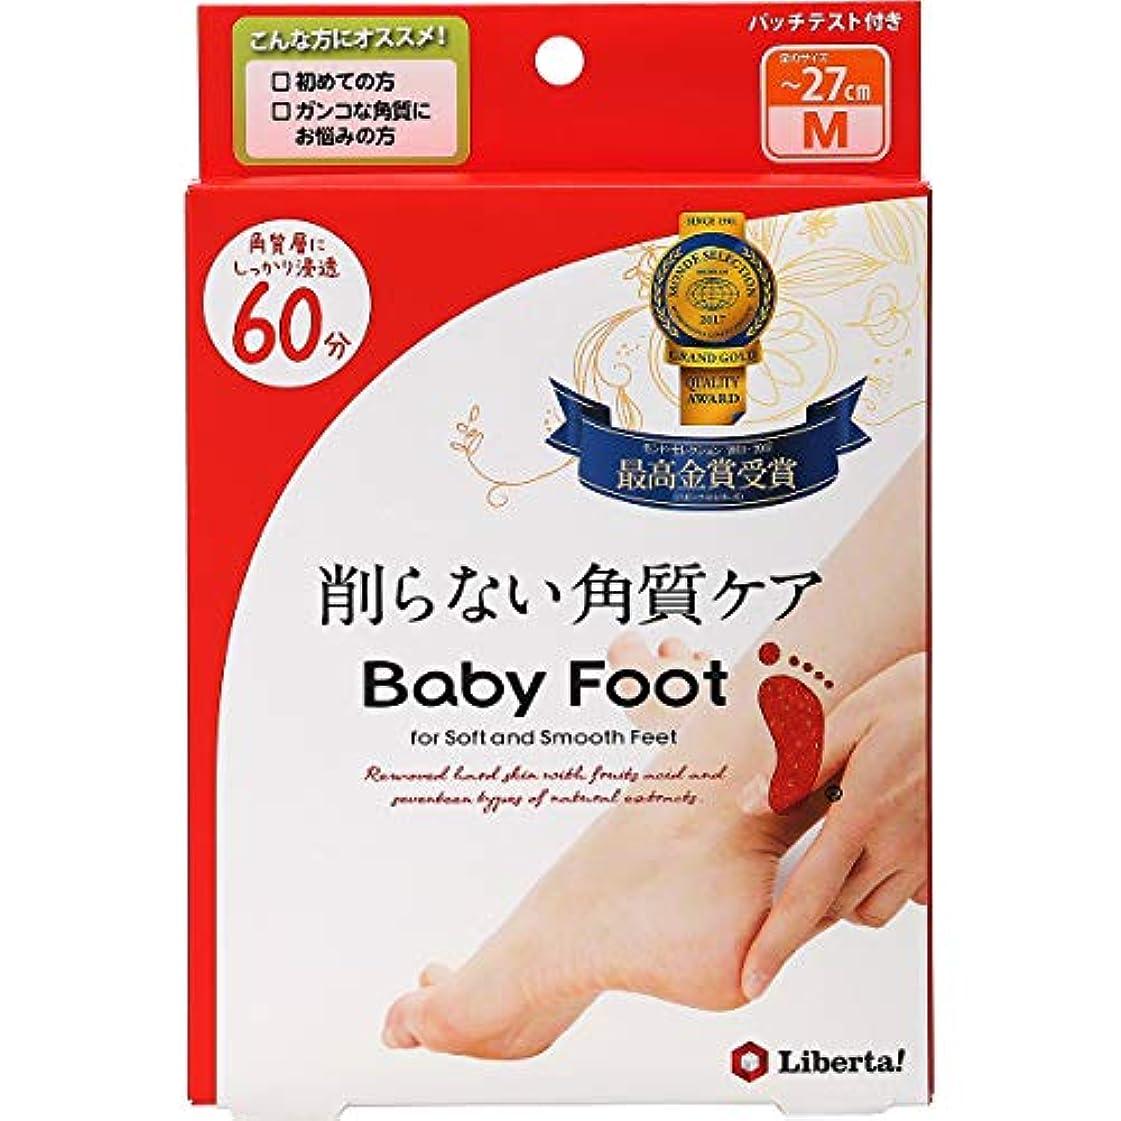 み横向き何十人もベビーフット (Baby Foot) ベビーフット イージーパック SPT60分タイプ Mサイズ 単品